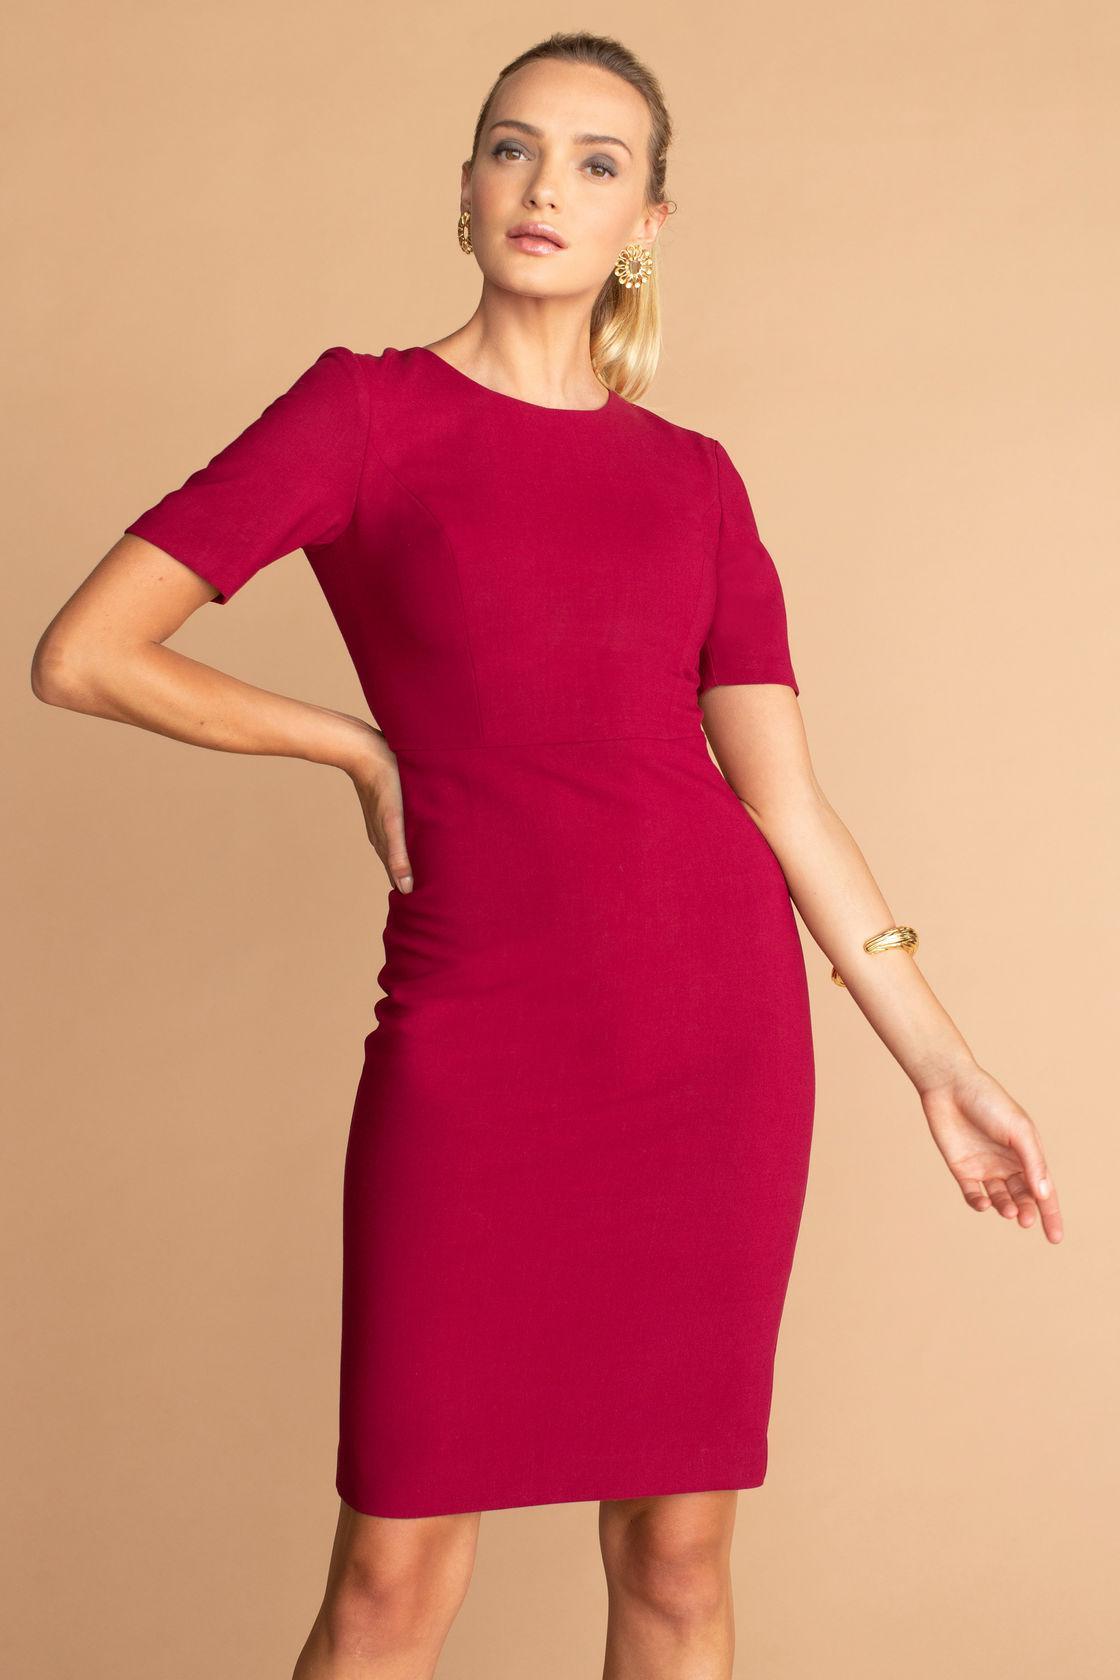 22a68da3 Trina Turk Diamante Dress in Red - Lyst